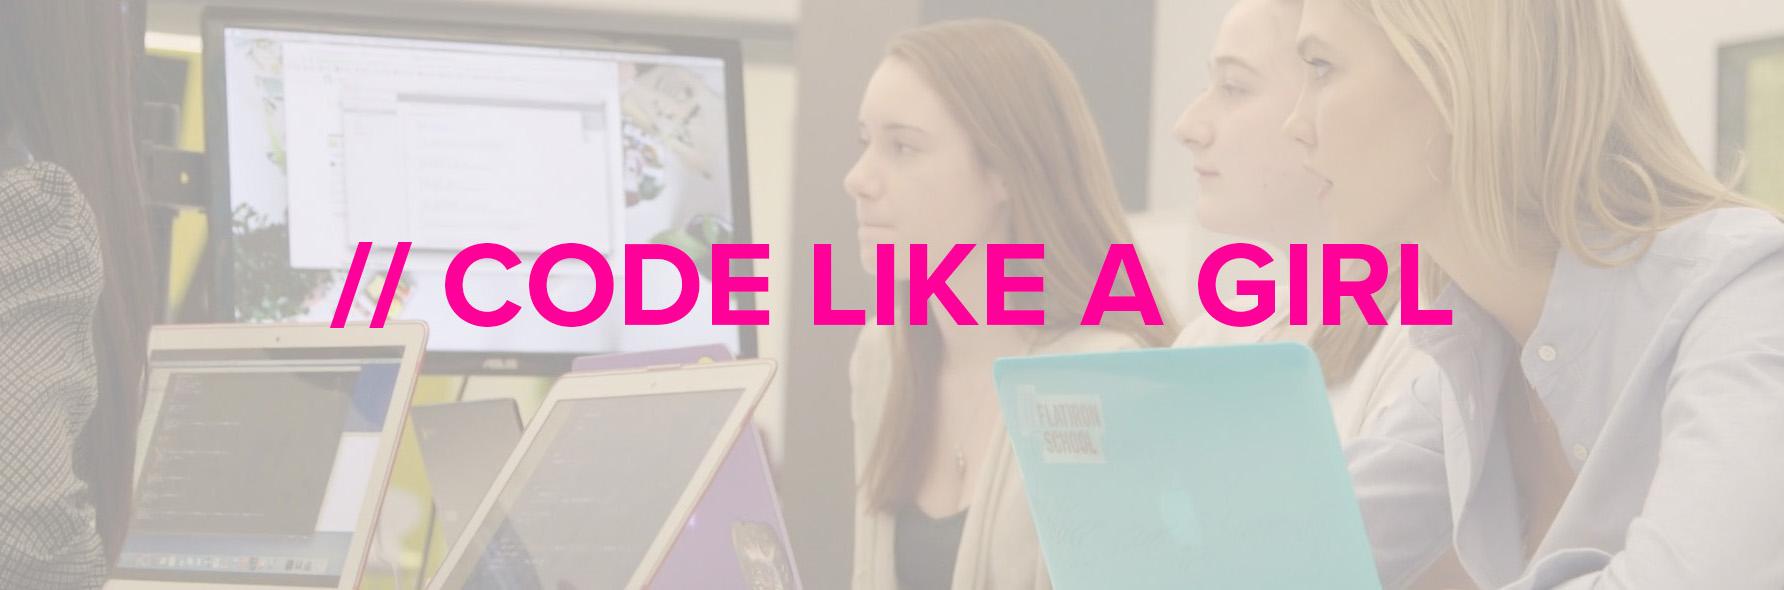 code like a girl.jpg